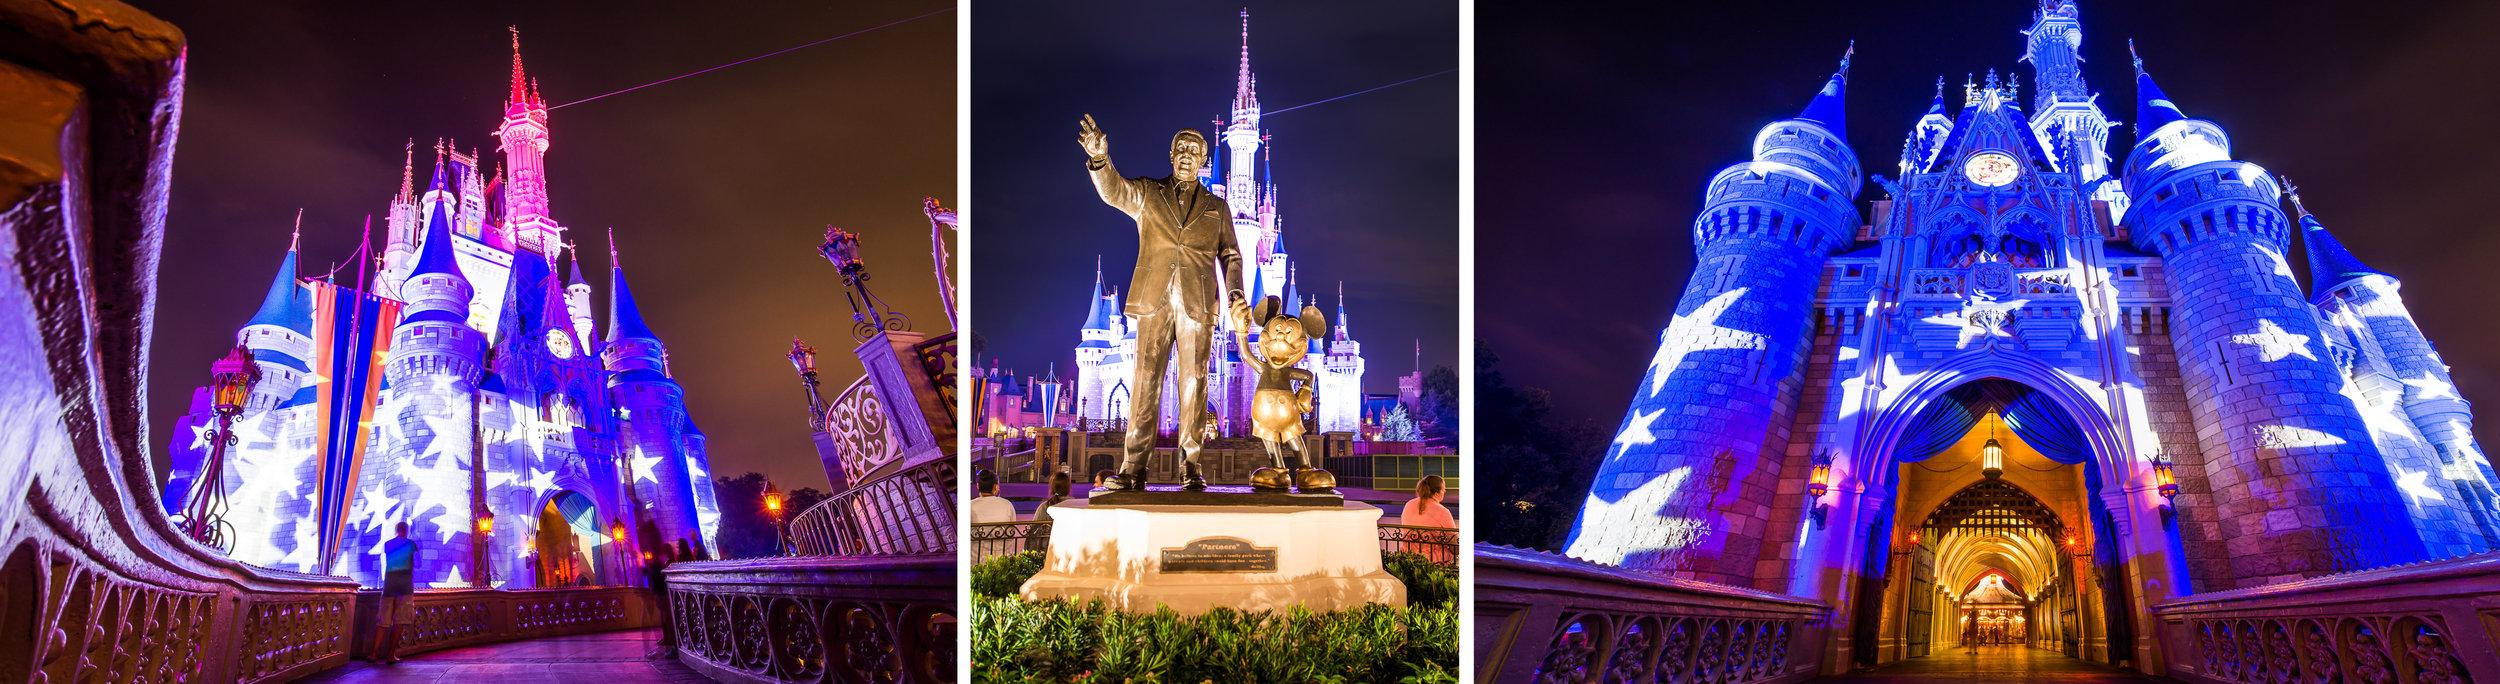 KateTaramykinStudios-Disney-World-Fourth-of July-2015-12.jpg